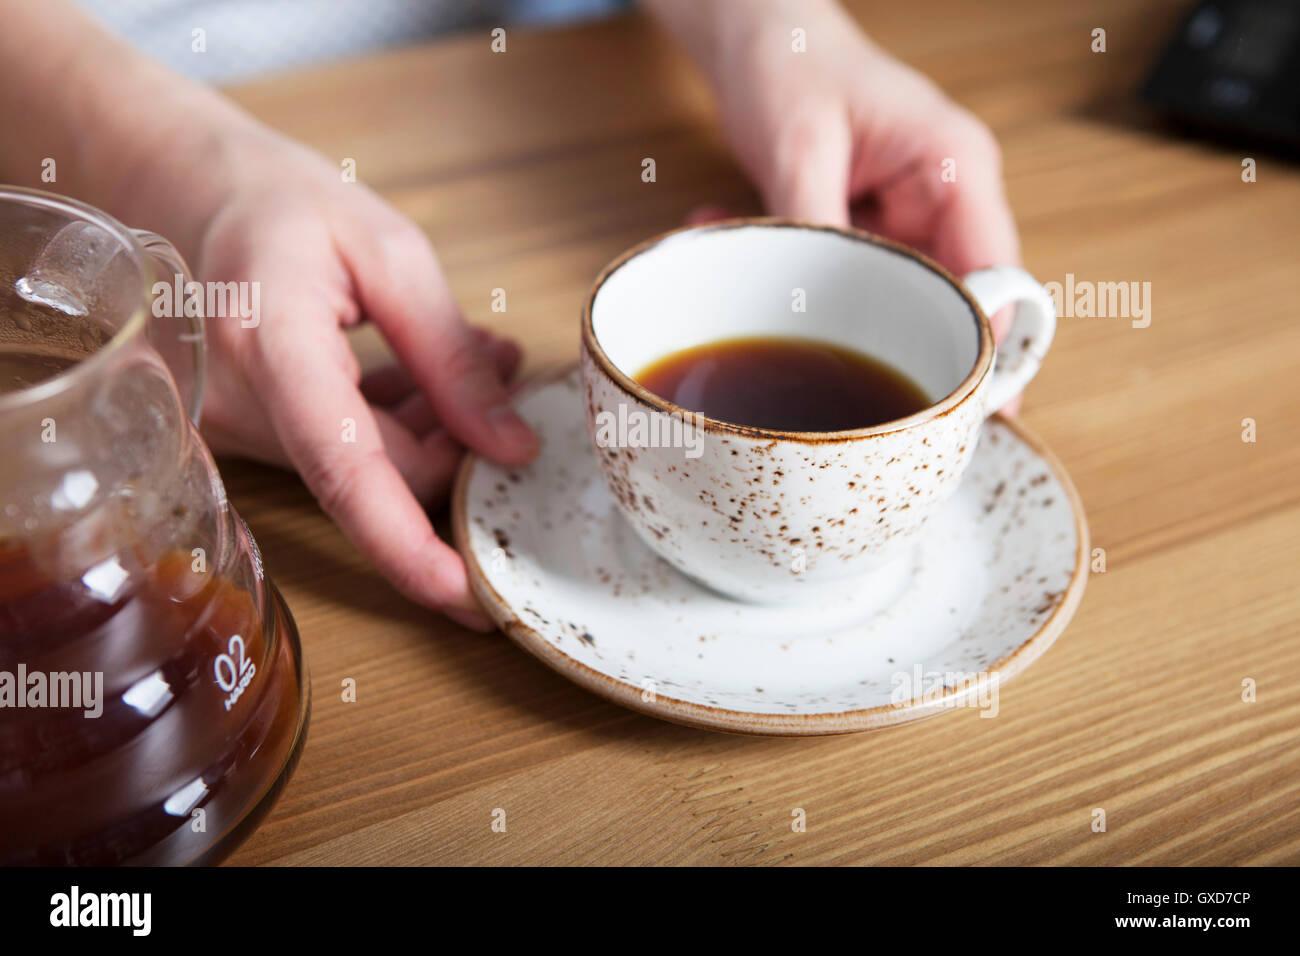 Blanco taza de café en la mano. Barista celebración café Imagen De Stock